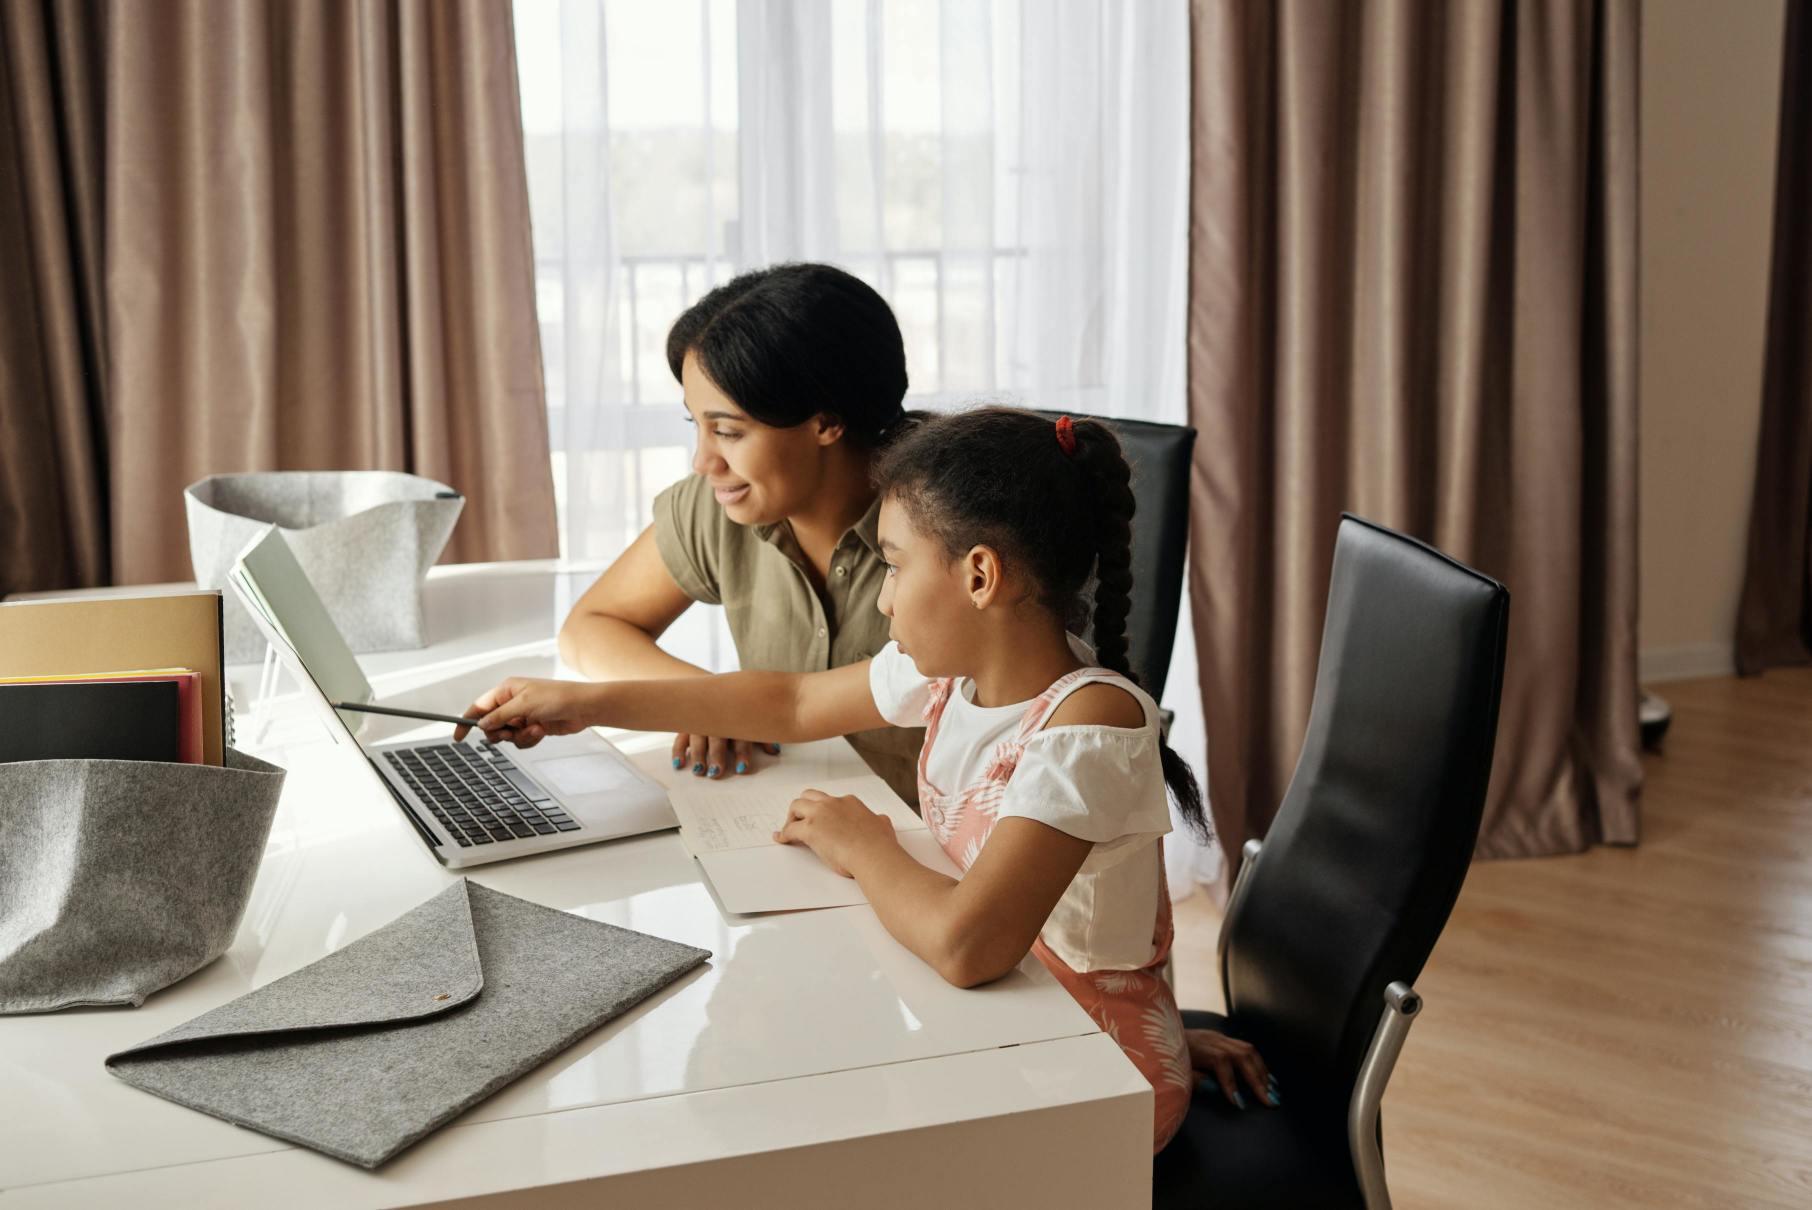 2020-11-03 - Comunicazione tra insegnanti e genitori di alunni in remoto 5 metodi efficaci - insegnanti